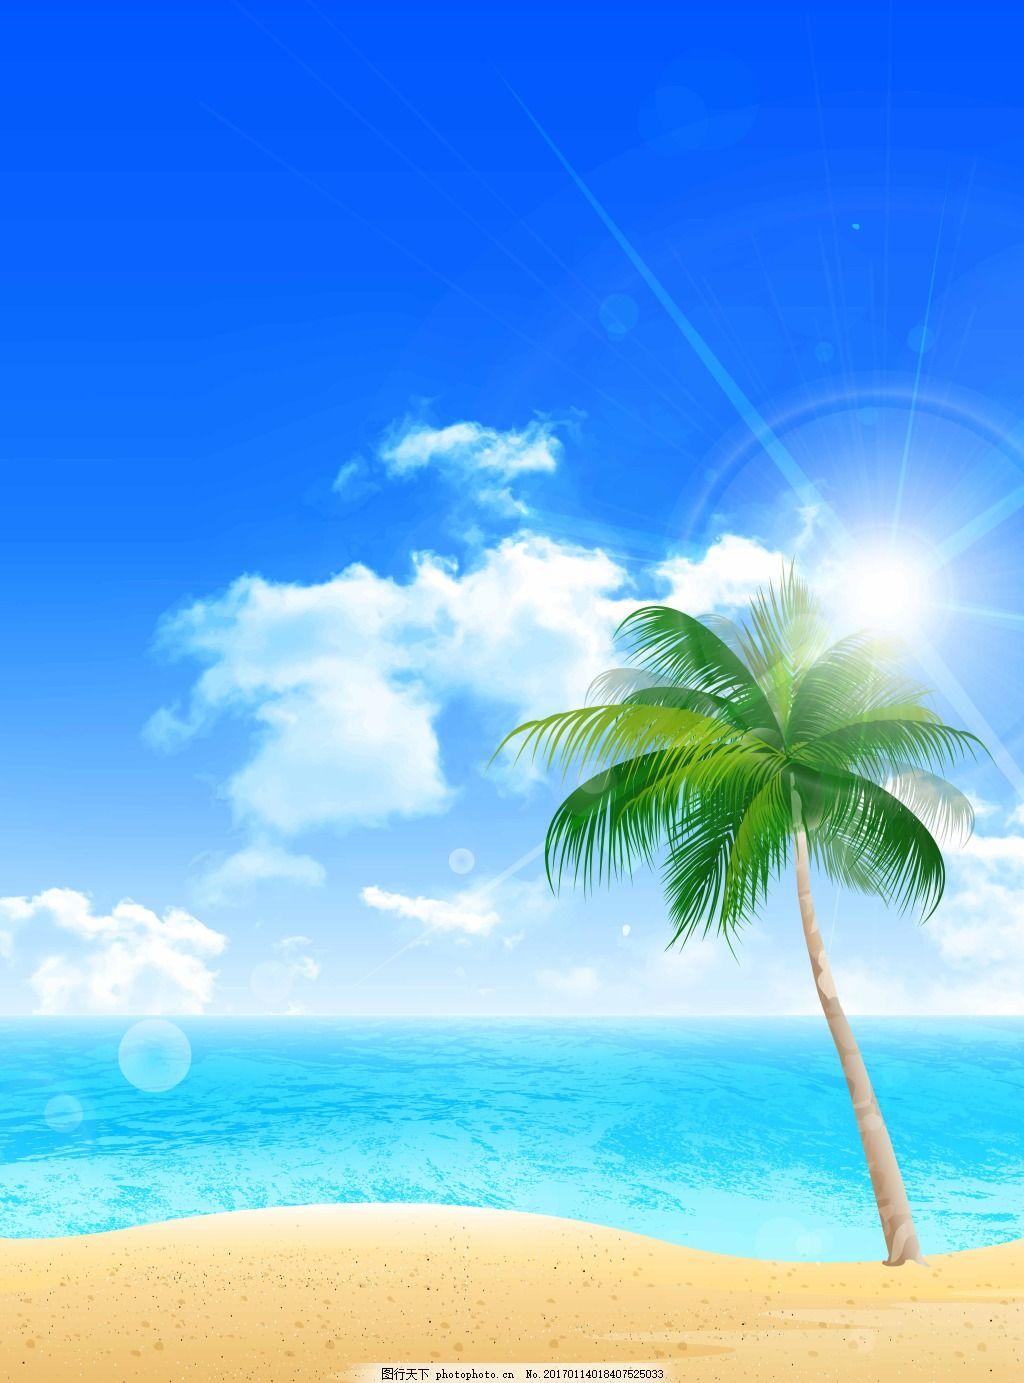 海边风景 大海 沙滩 椰树 蓝天